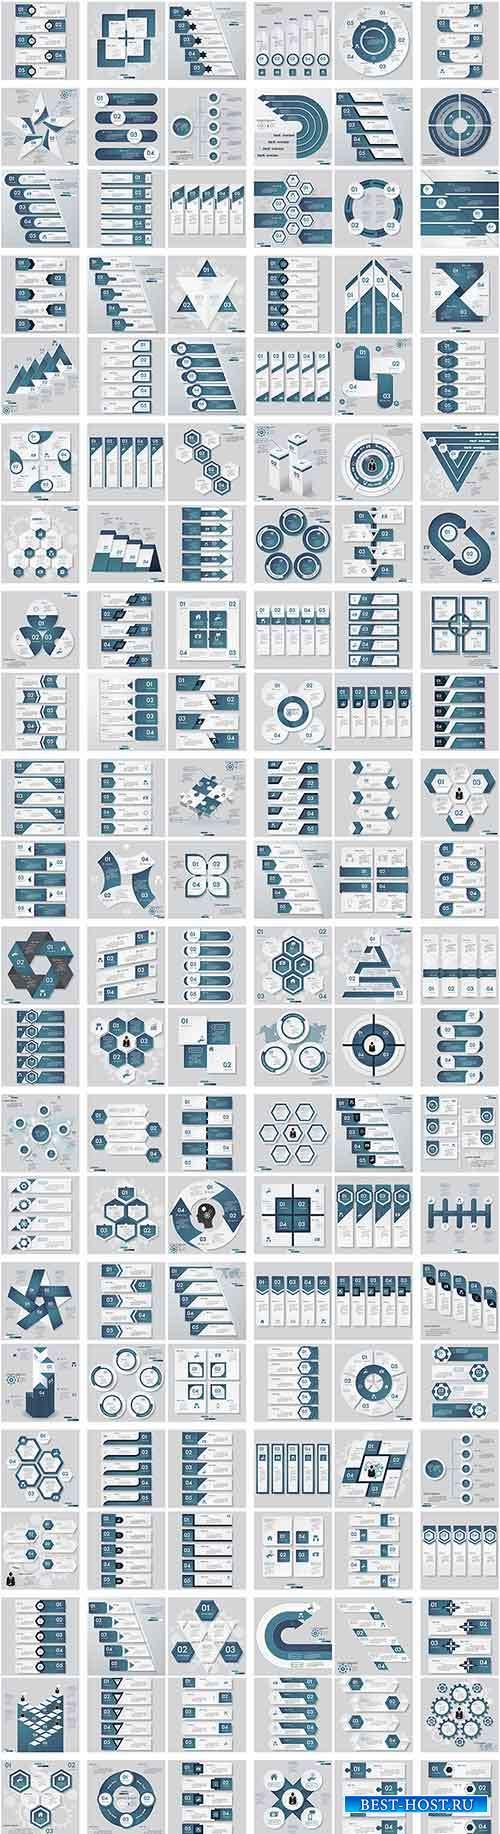 Инфографика в бело-голубых тонах - Векторный клипарт